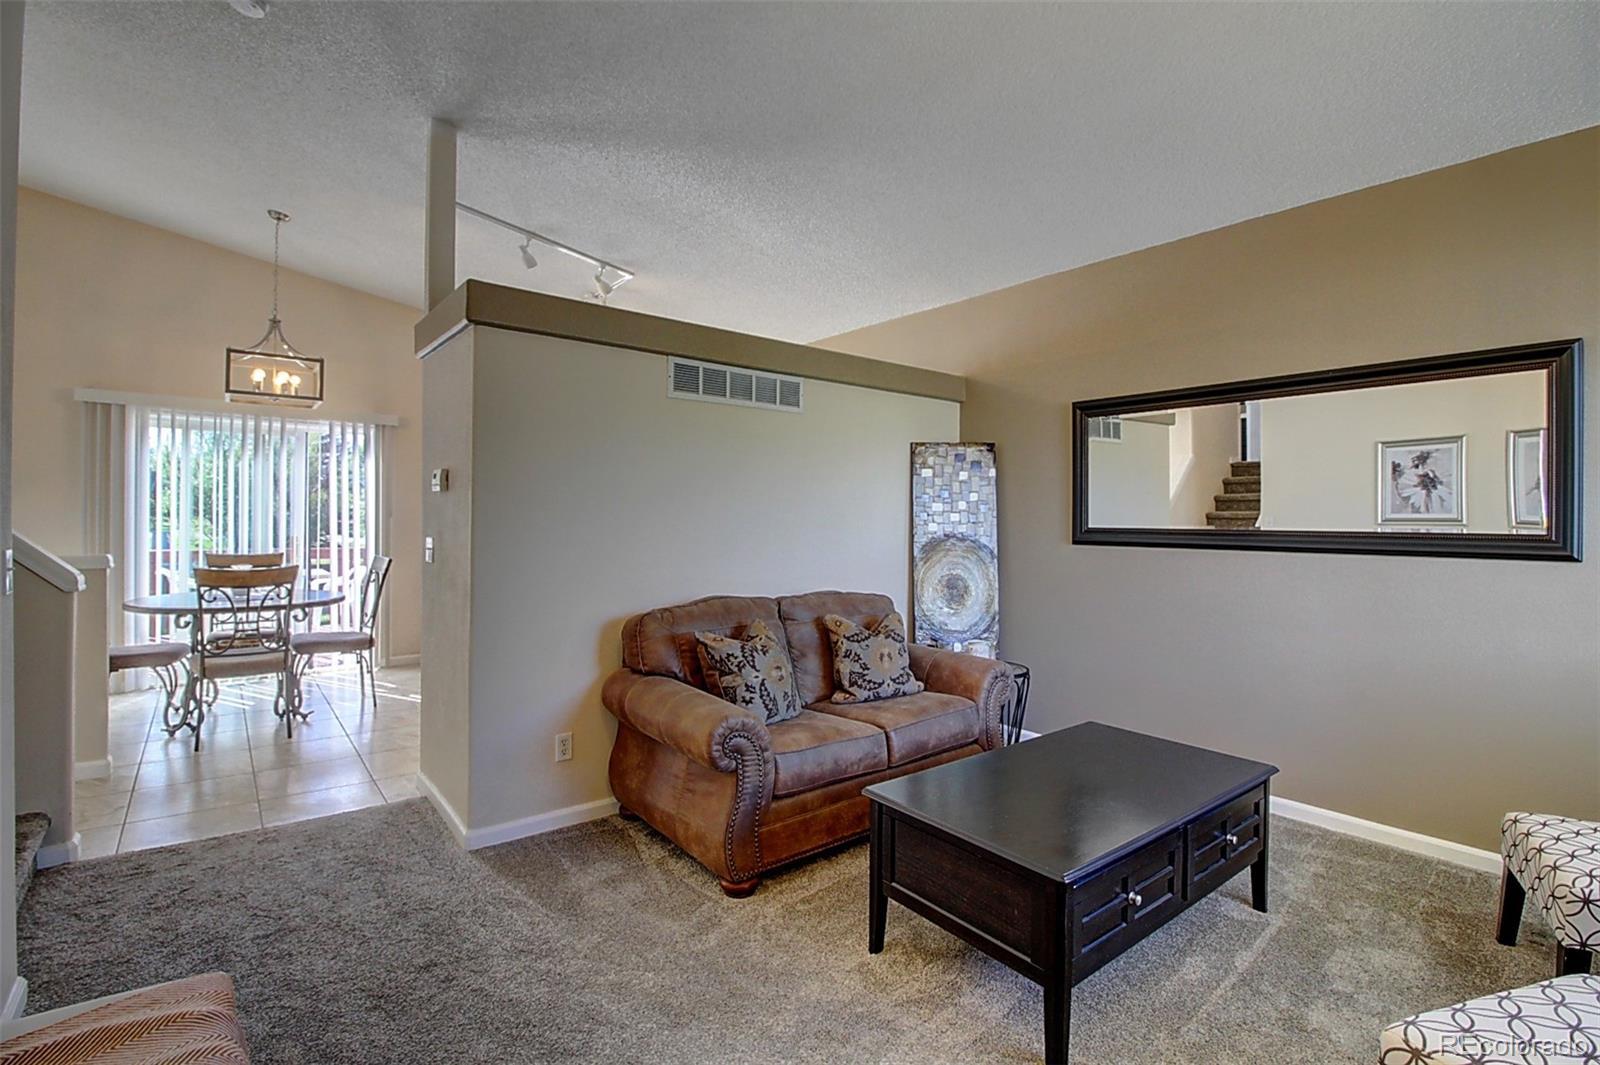 MLS# 8403615 - 2 - 3505 Larkspur Drive, Longmont, CO 80503